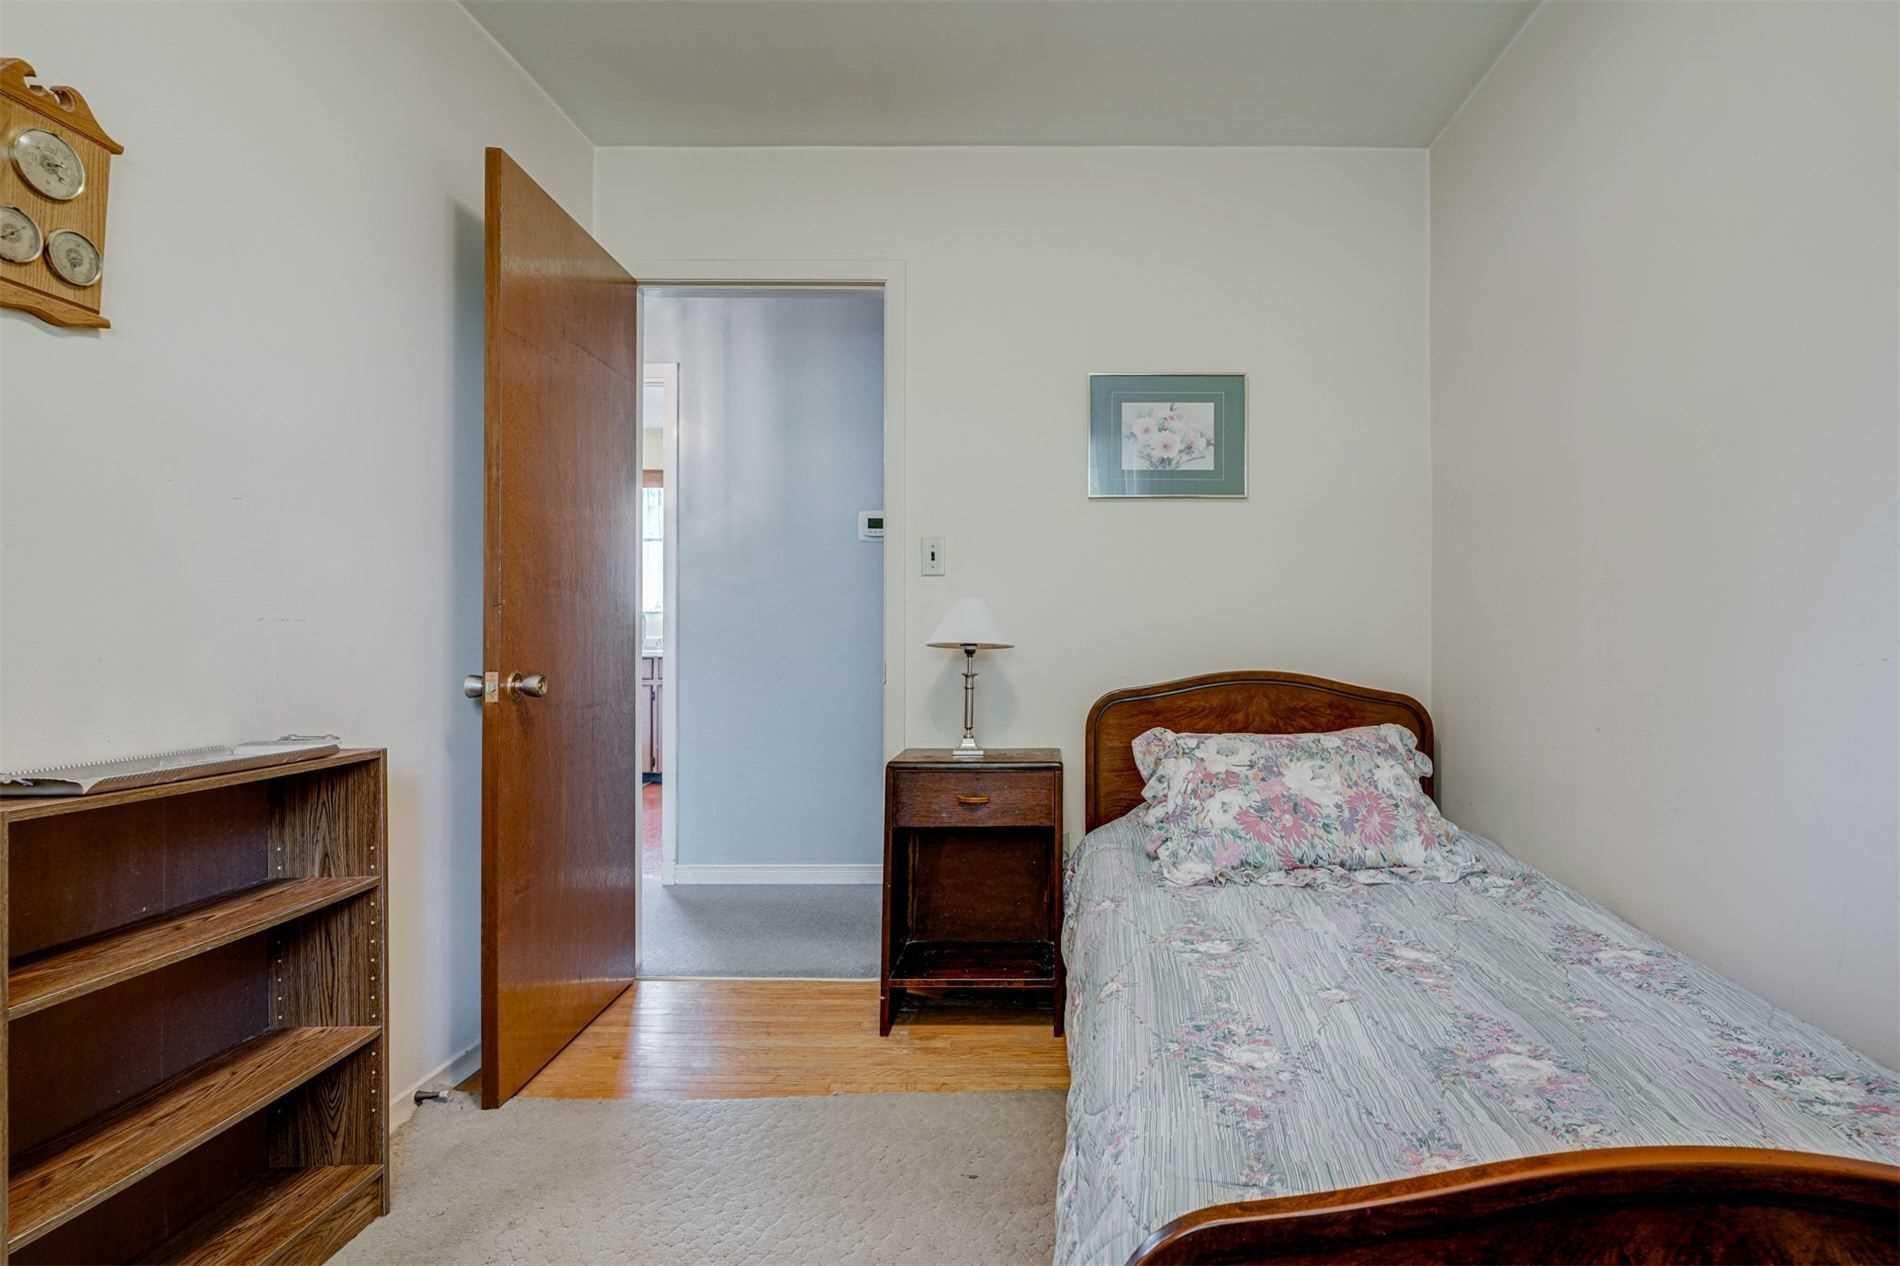 4189 Brock Rd - Uxbridge Detached for sale, 3 Bedrooms (N5311768) - #25